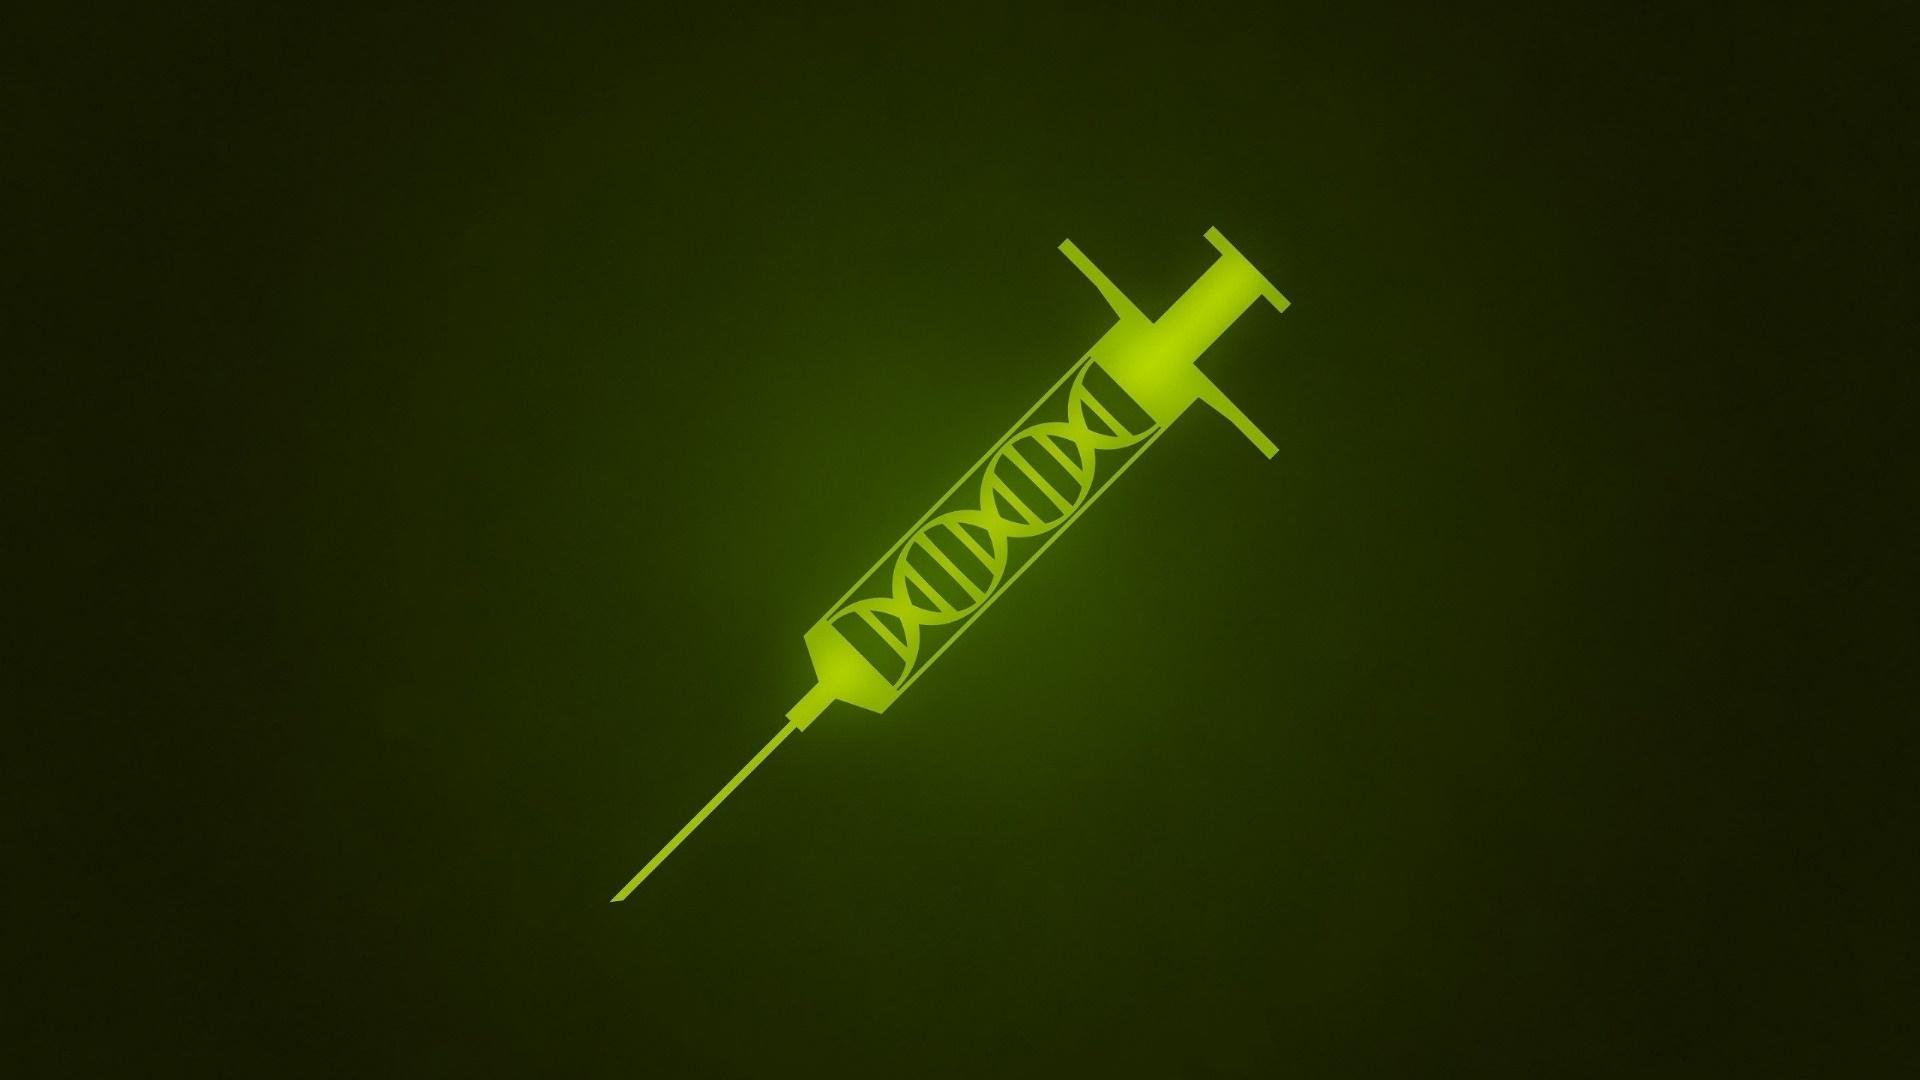 Green syringe wallpaper